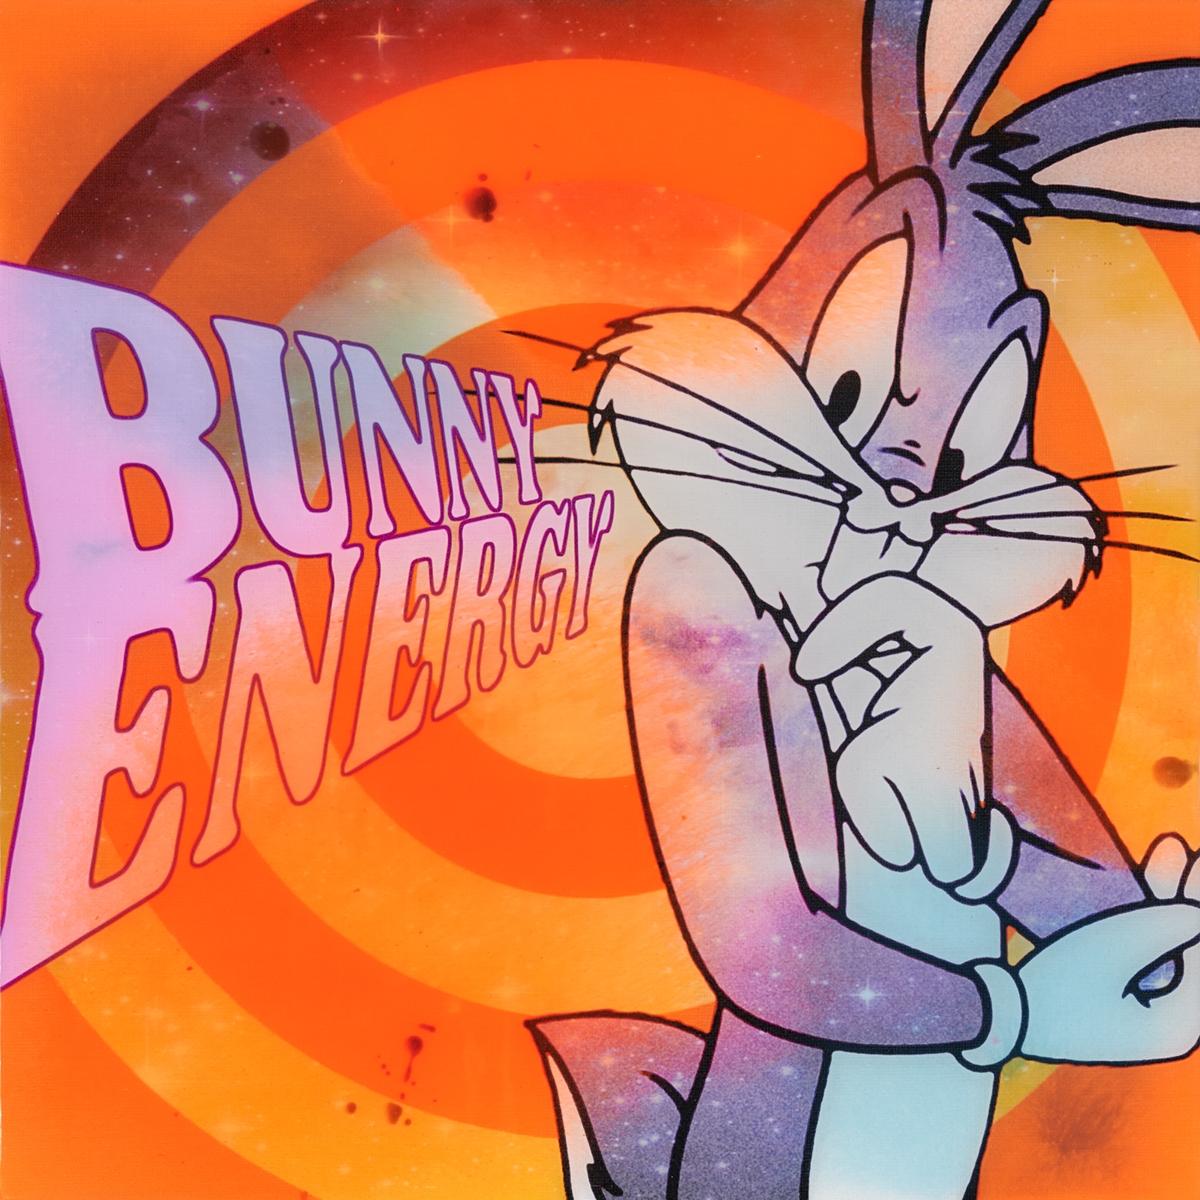 Bunny Energy - Epoxy - 2020